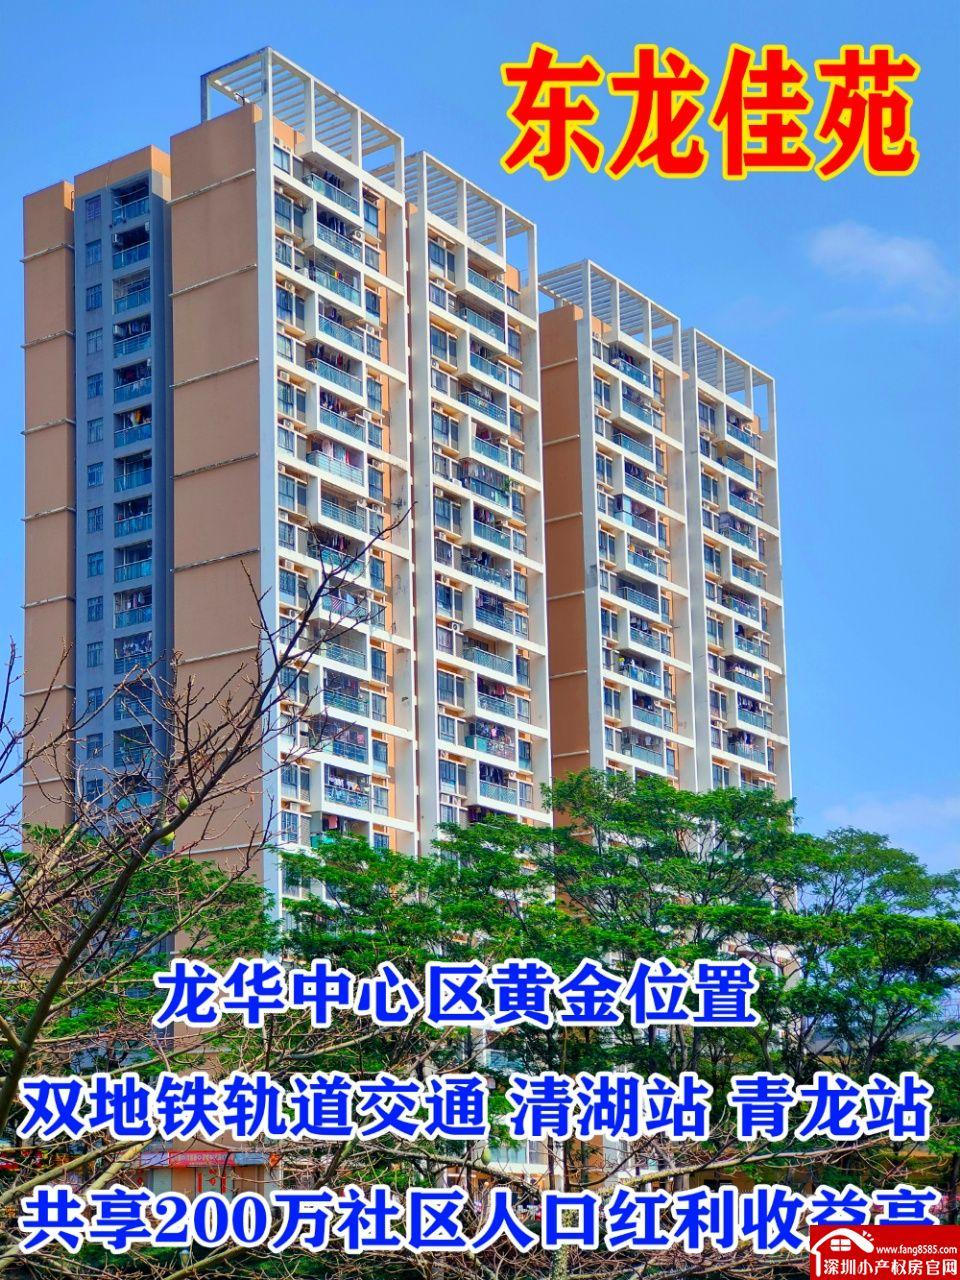 龙华小产权房统建楼《东龙佳苑》中心地段低价发售